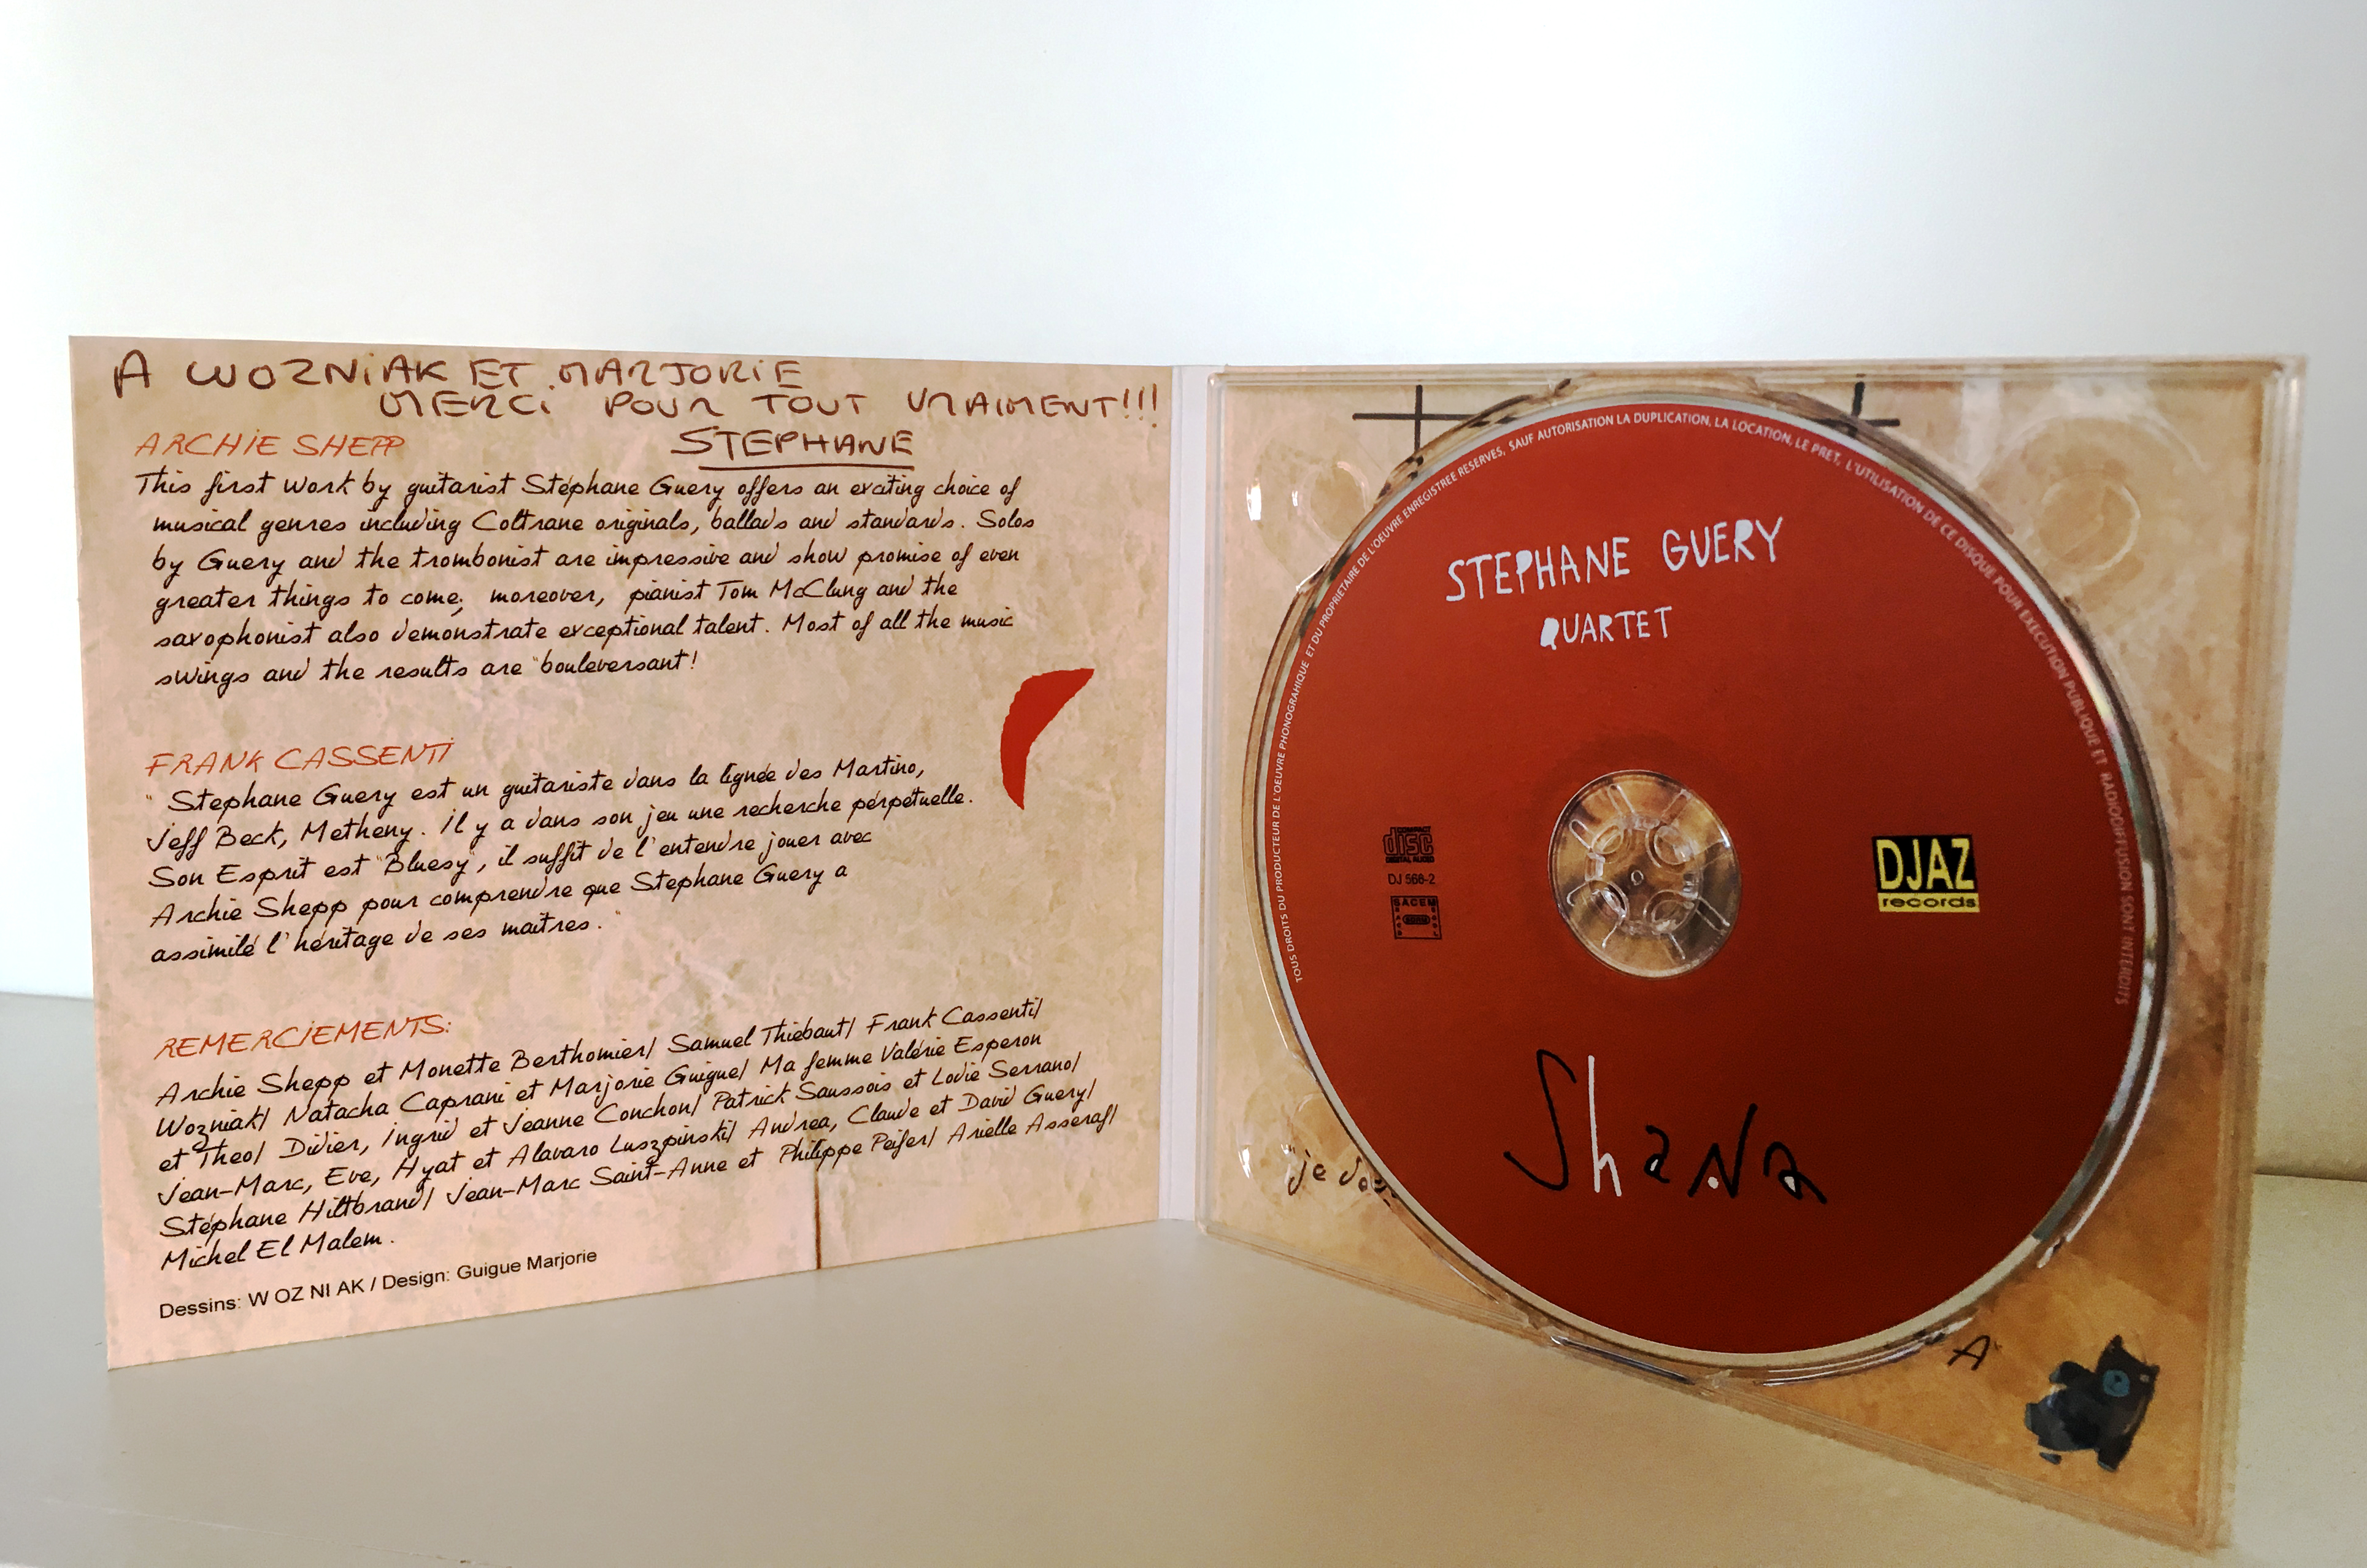 STÉPHANE GUERRY - 2005